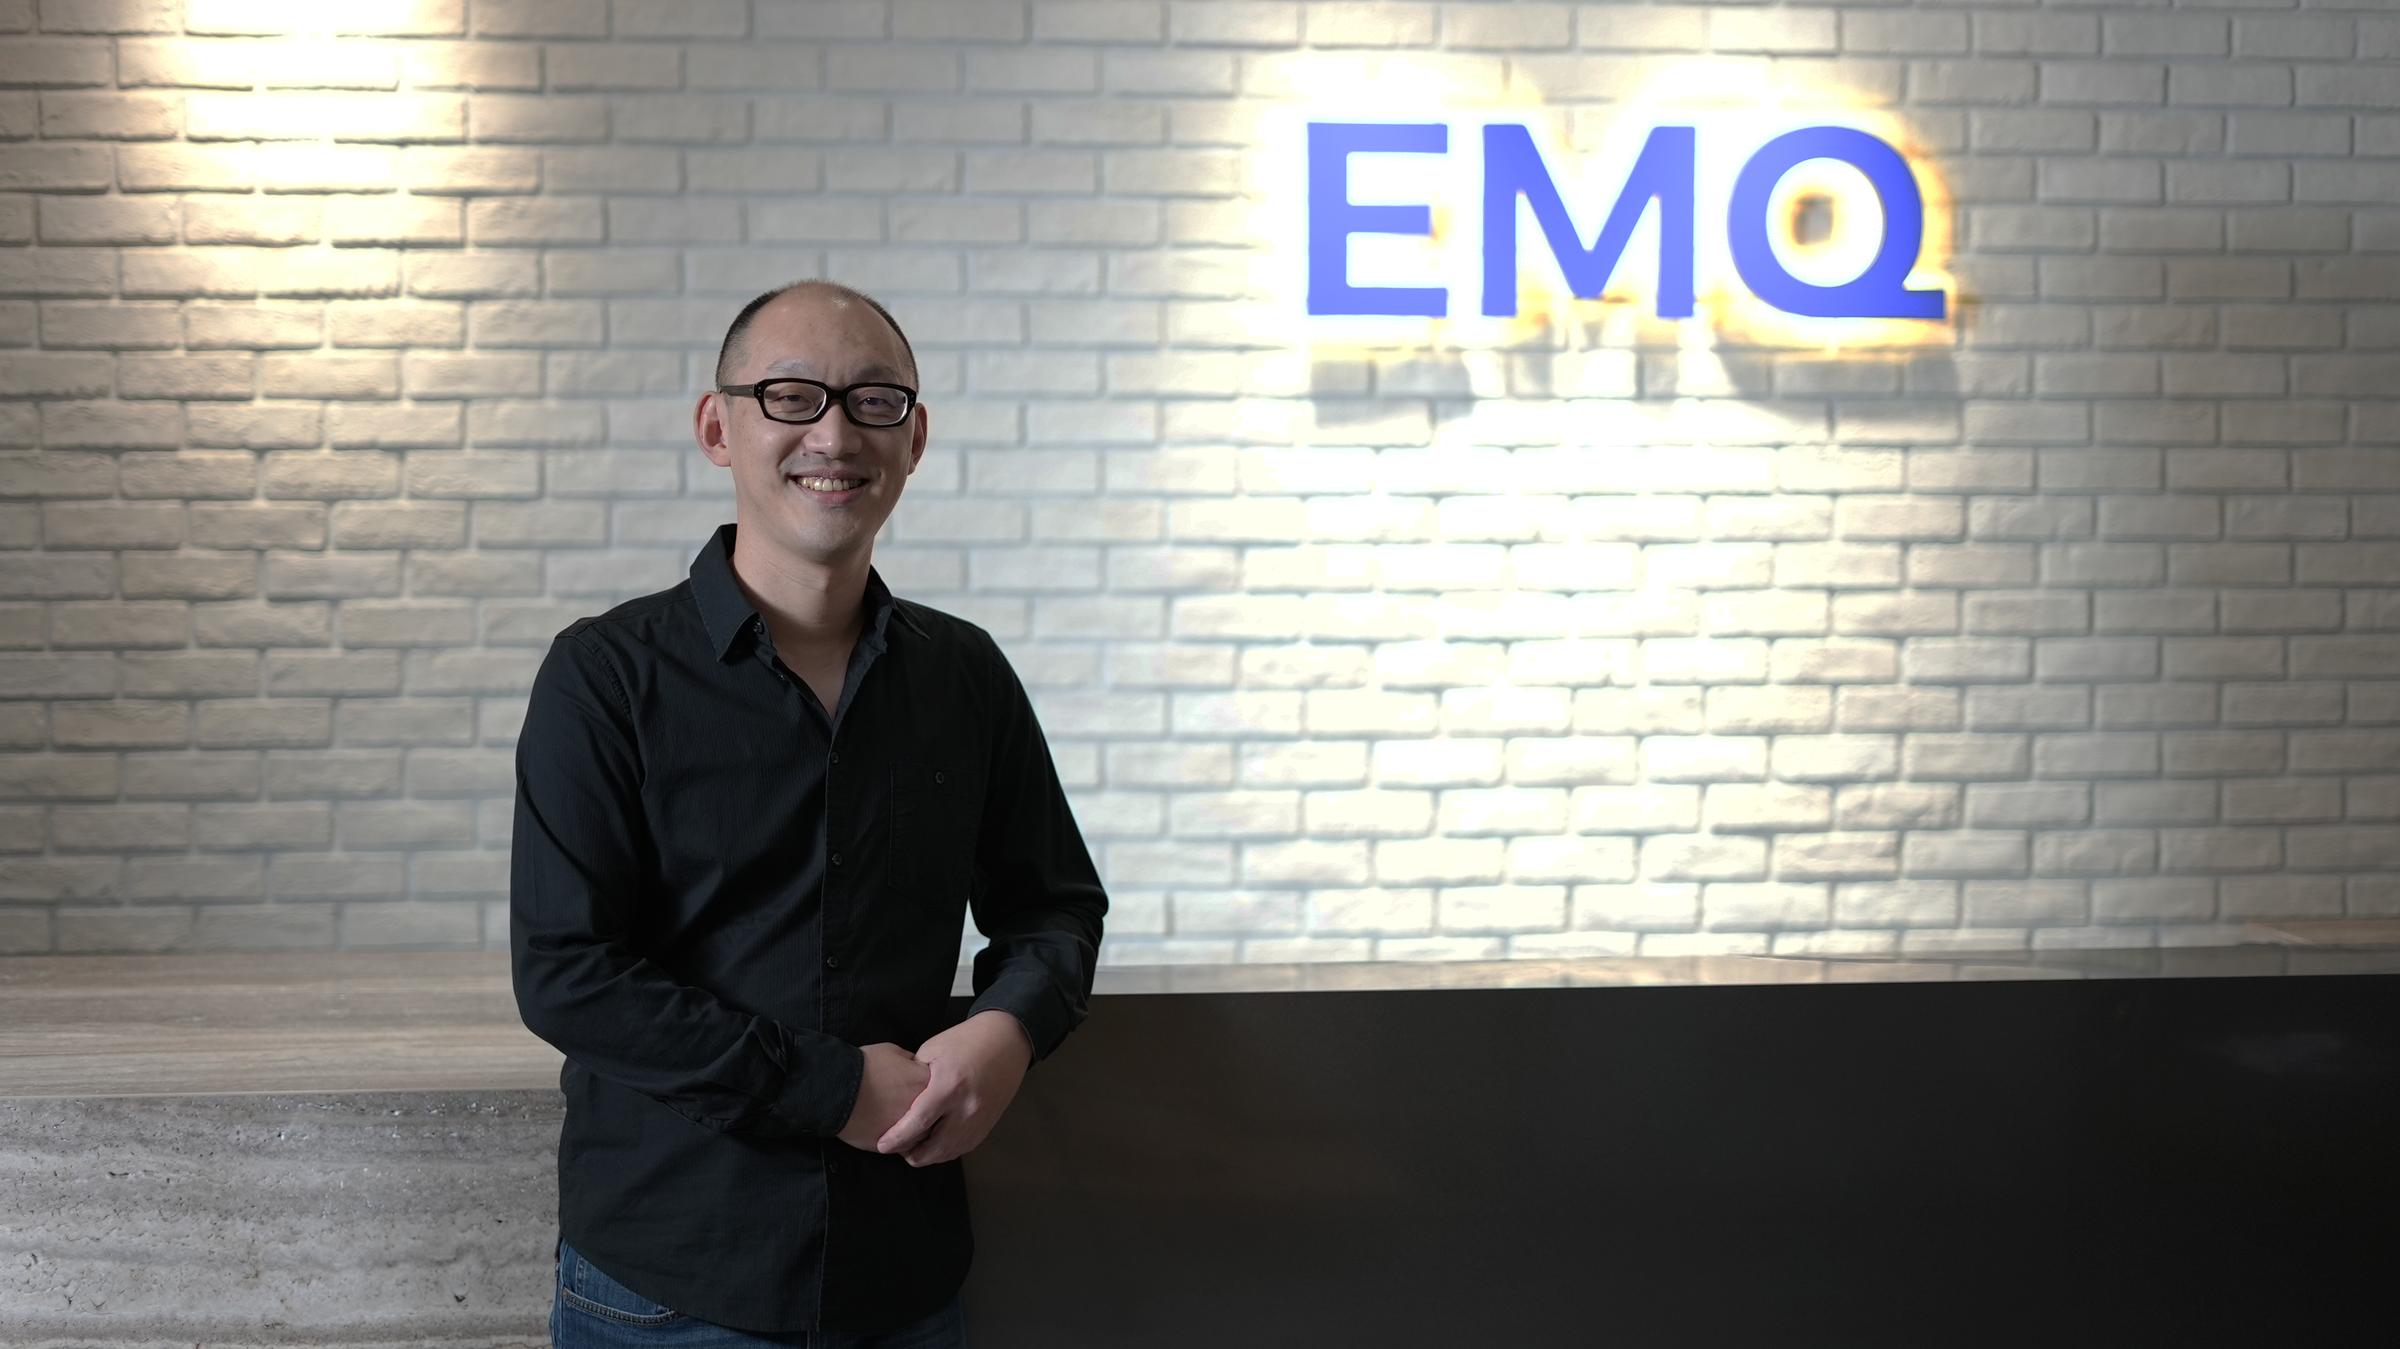 照片中提到了ЕMО,包含了眼鏡、眼鏡、人類行為、眼鏡、設計